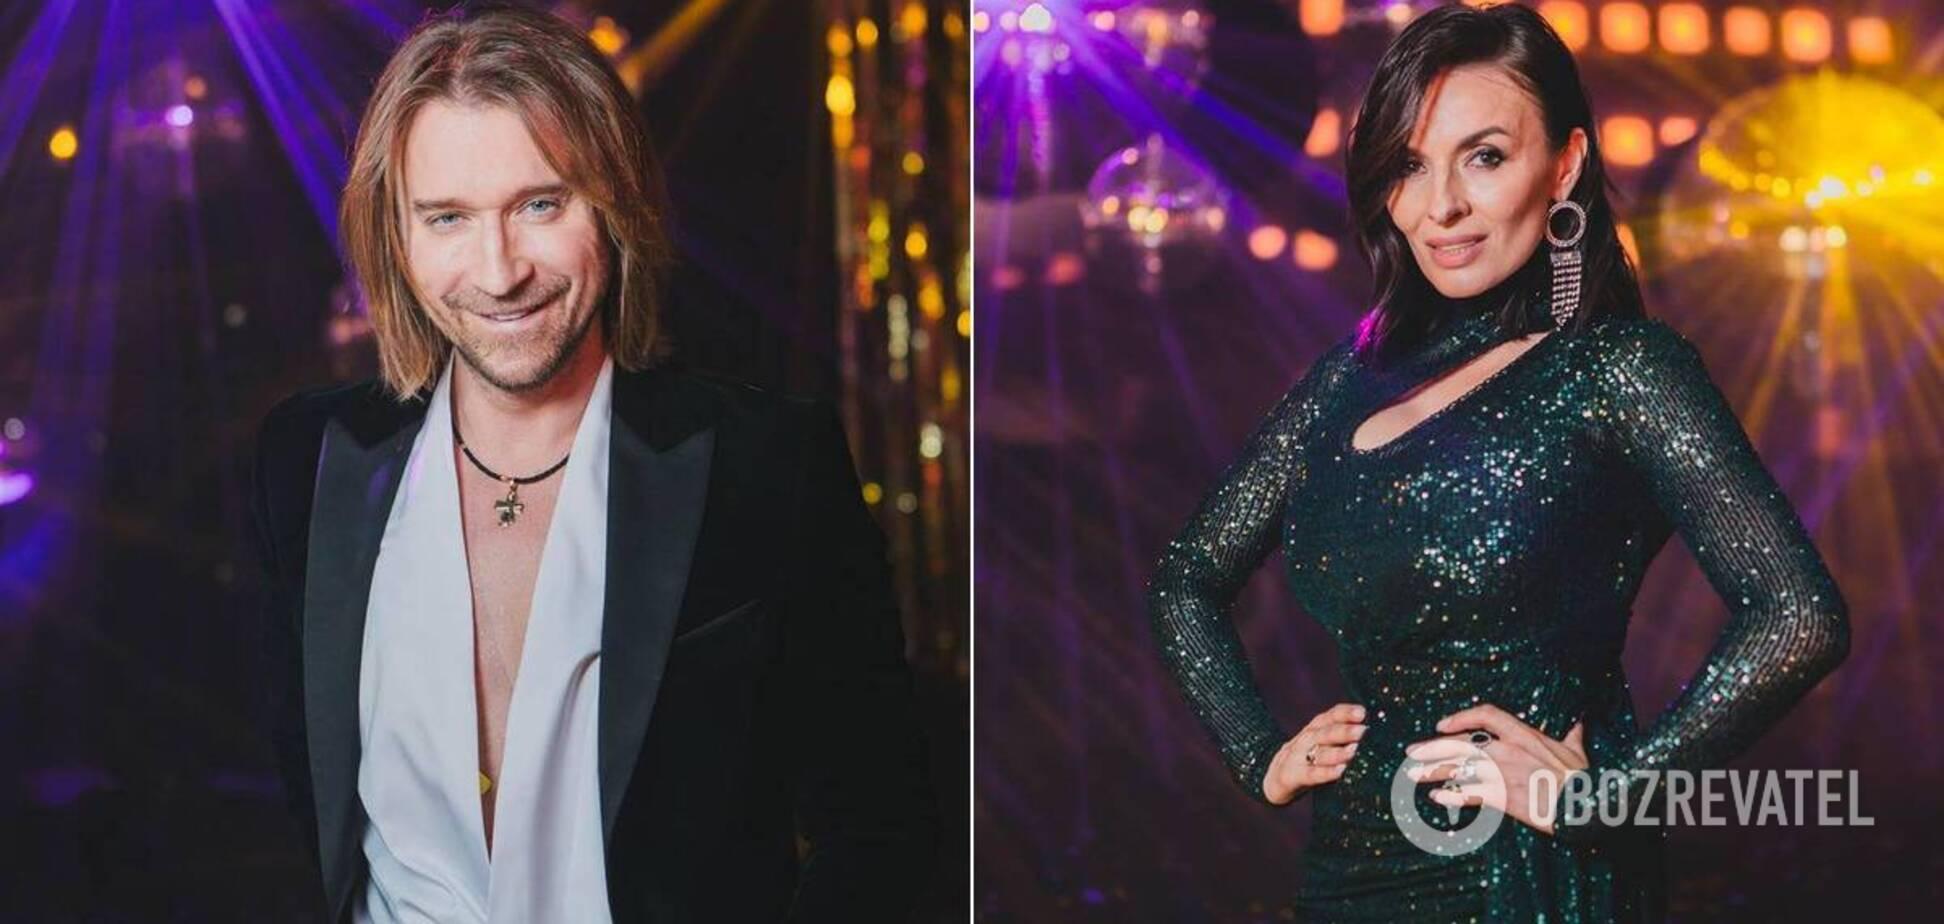 'Танці з зірками 2020': хто візьме участь у новому сезоні та що про них відомо